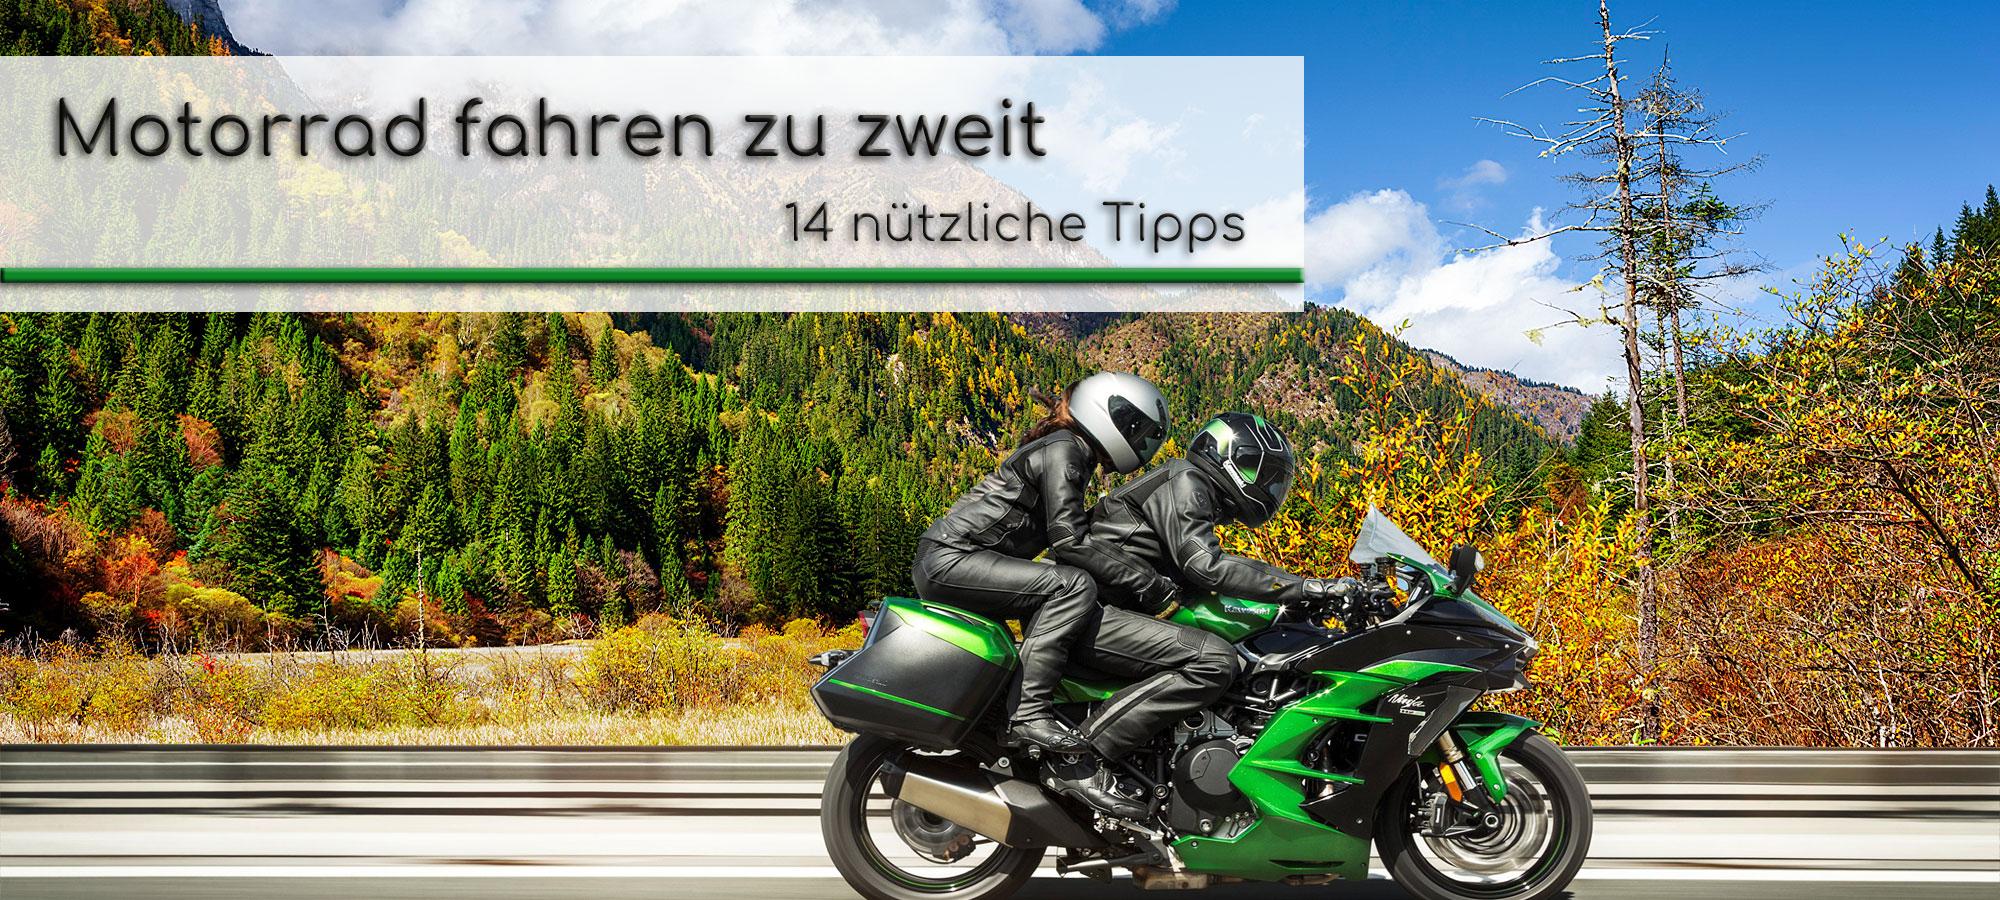 Zwei Personen fahren auf einem gruenen Motorrad. Im Hintergrund ist eine Berglandschaft im Herbst zu sehen. Om Textfeld steht geschrieben: Motorrad fahren zu zweit - 14 nuetzliche Tipps.